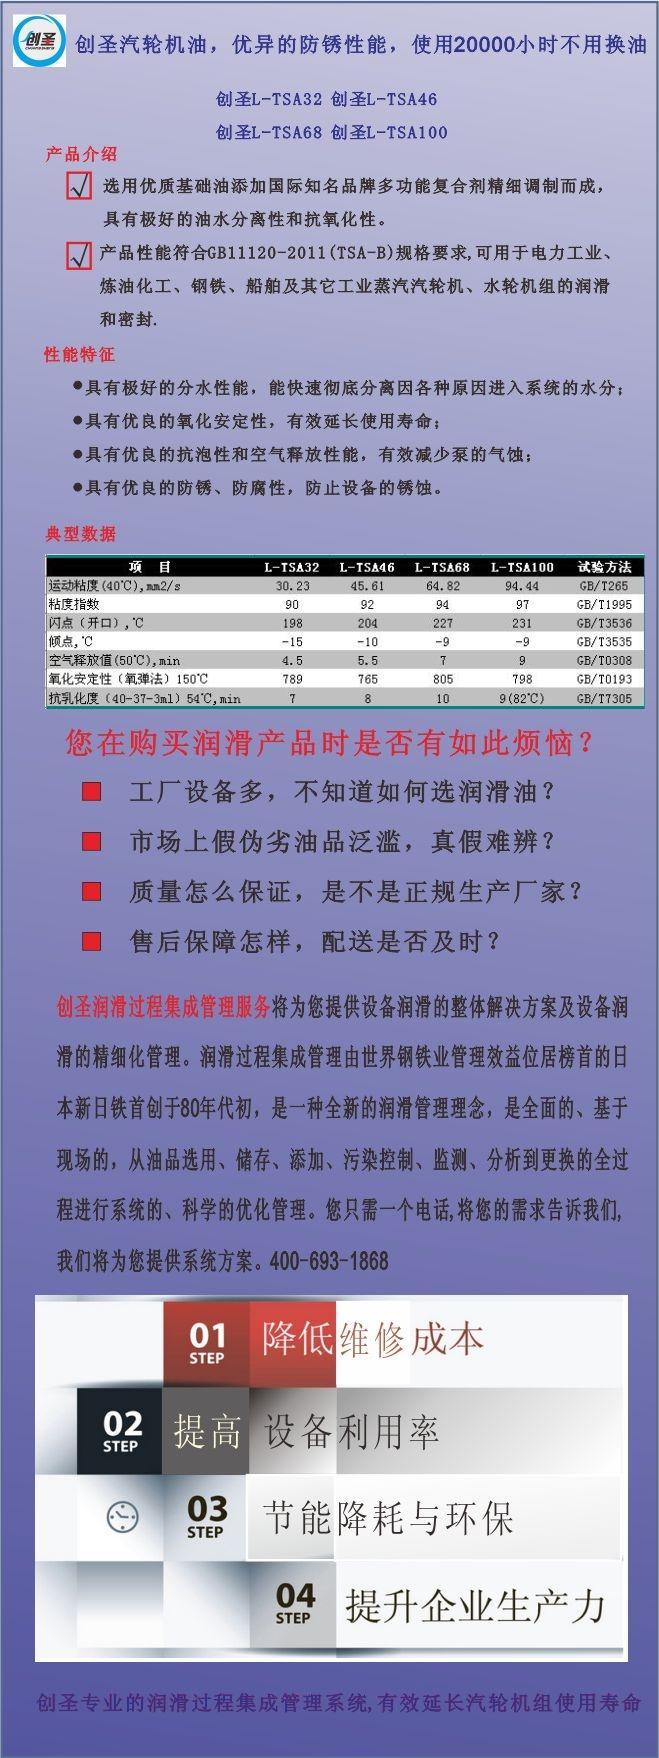 荆州江陵县汽轮机组防锈汽轮机油多少钱 创圣专业生产汽轮机油厂家